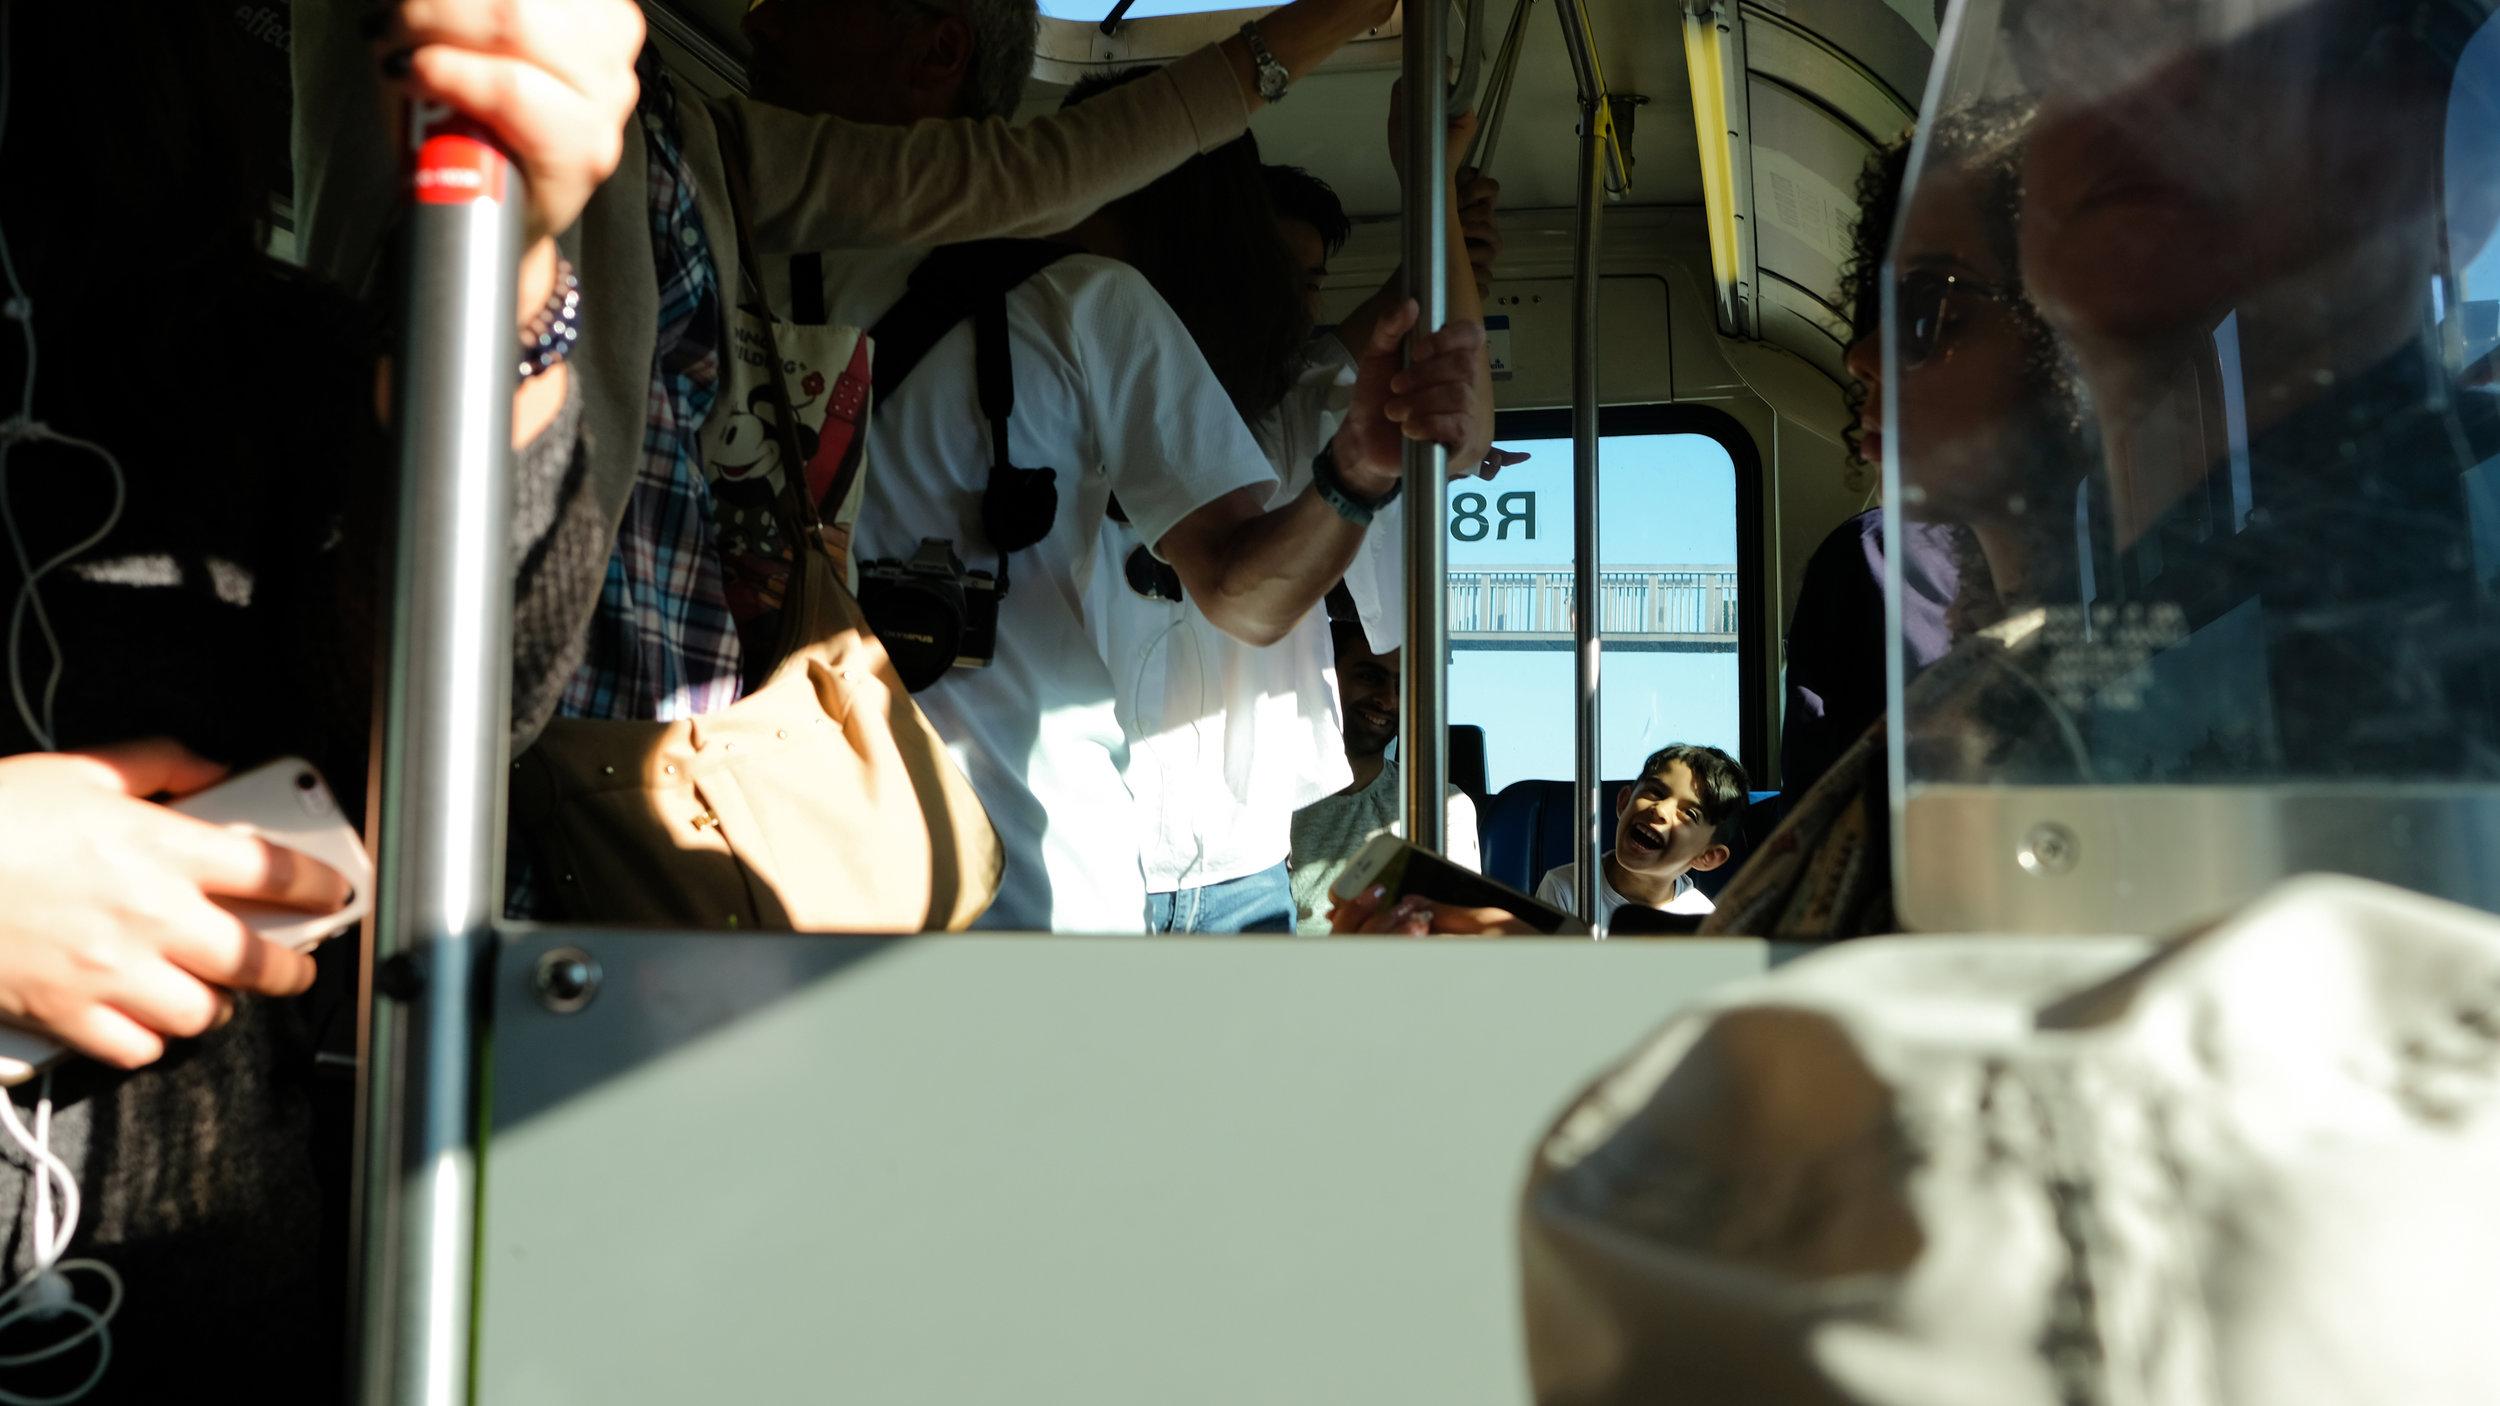 01_VANCOUVER_Kid-in-bus.jpg